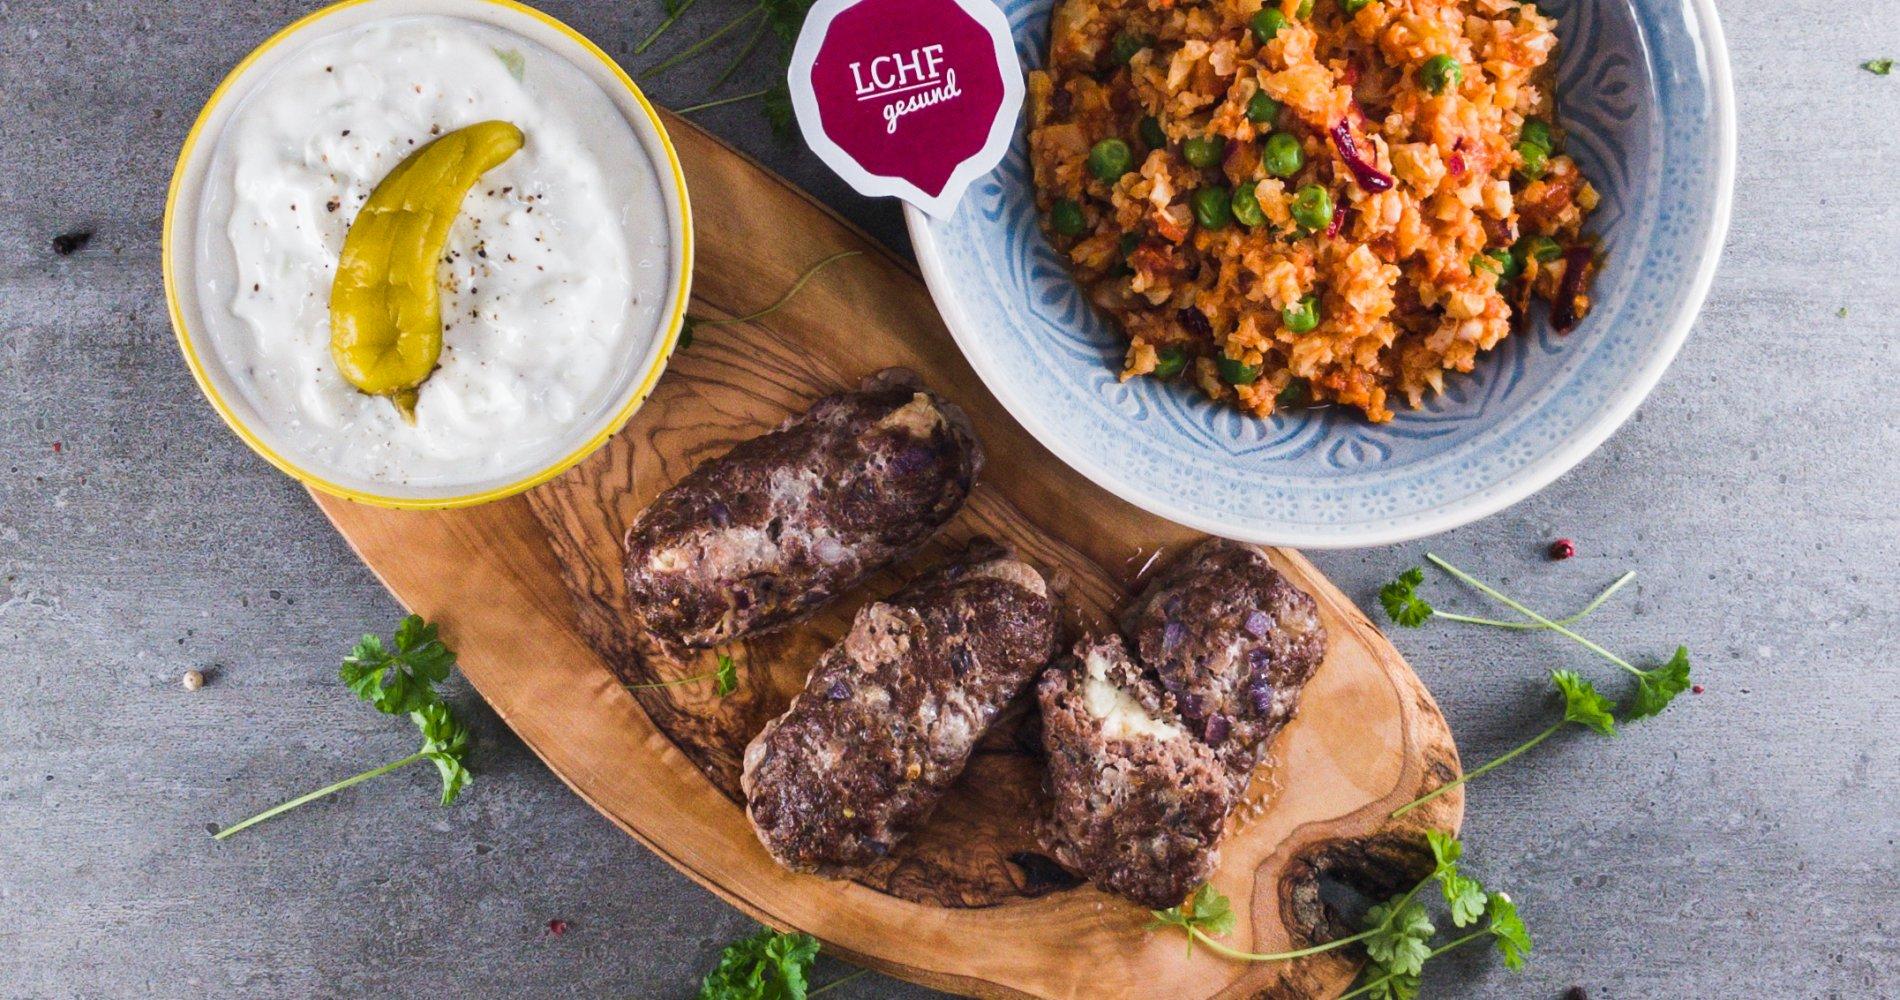 Rezept Low Carb: Griechisches Bifteki - LCHF-gesund.de